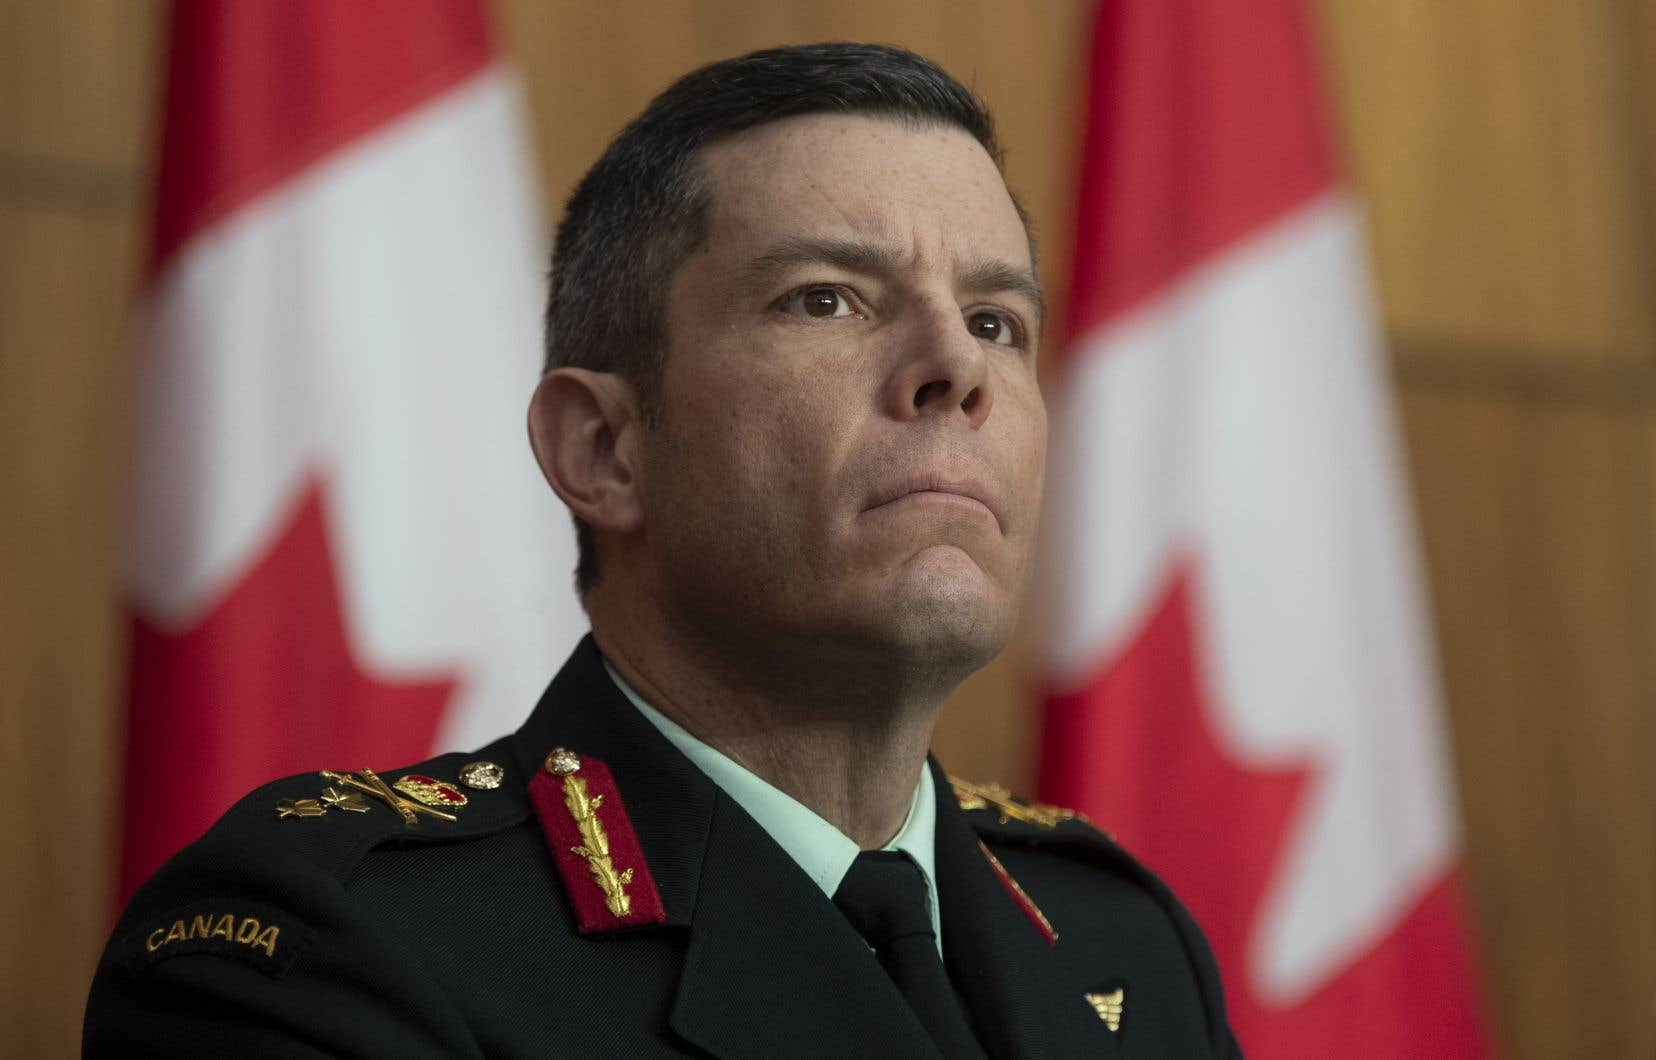 Le gouvernement fédéral avait indiqué, le 14 mai, que M. Fortin avait quitté son poste de vice-président de la logistique et des opérations à l'Agence de la santé publique du Canada. Il faisait, à ce moment-là, l'objet d'une enquête militaire pour une allégation d'inconduite sexuelle qui date d'il y a plus de 30 ans.